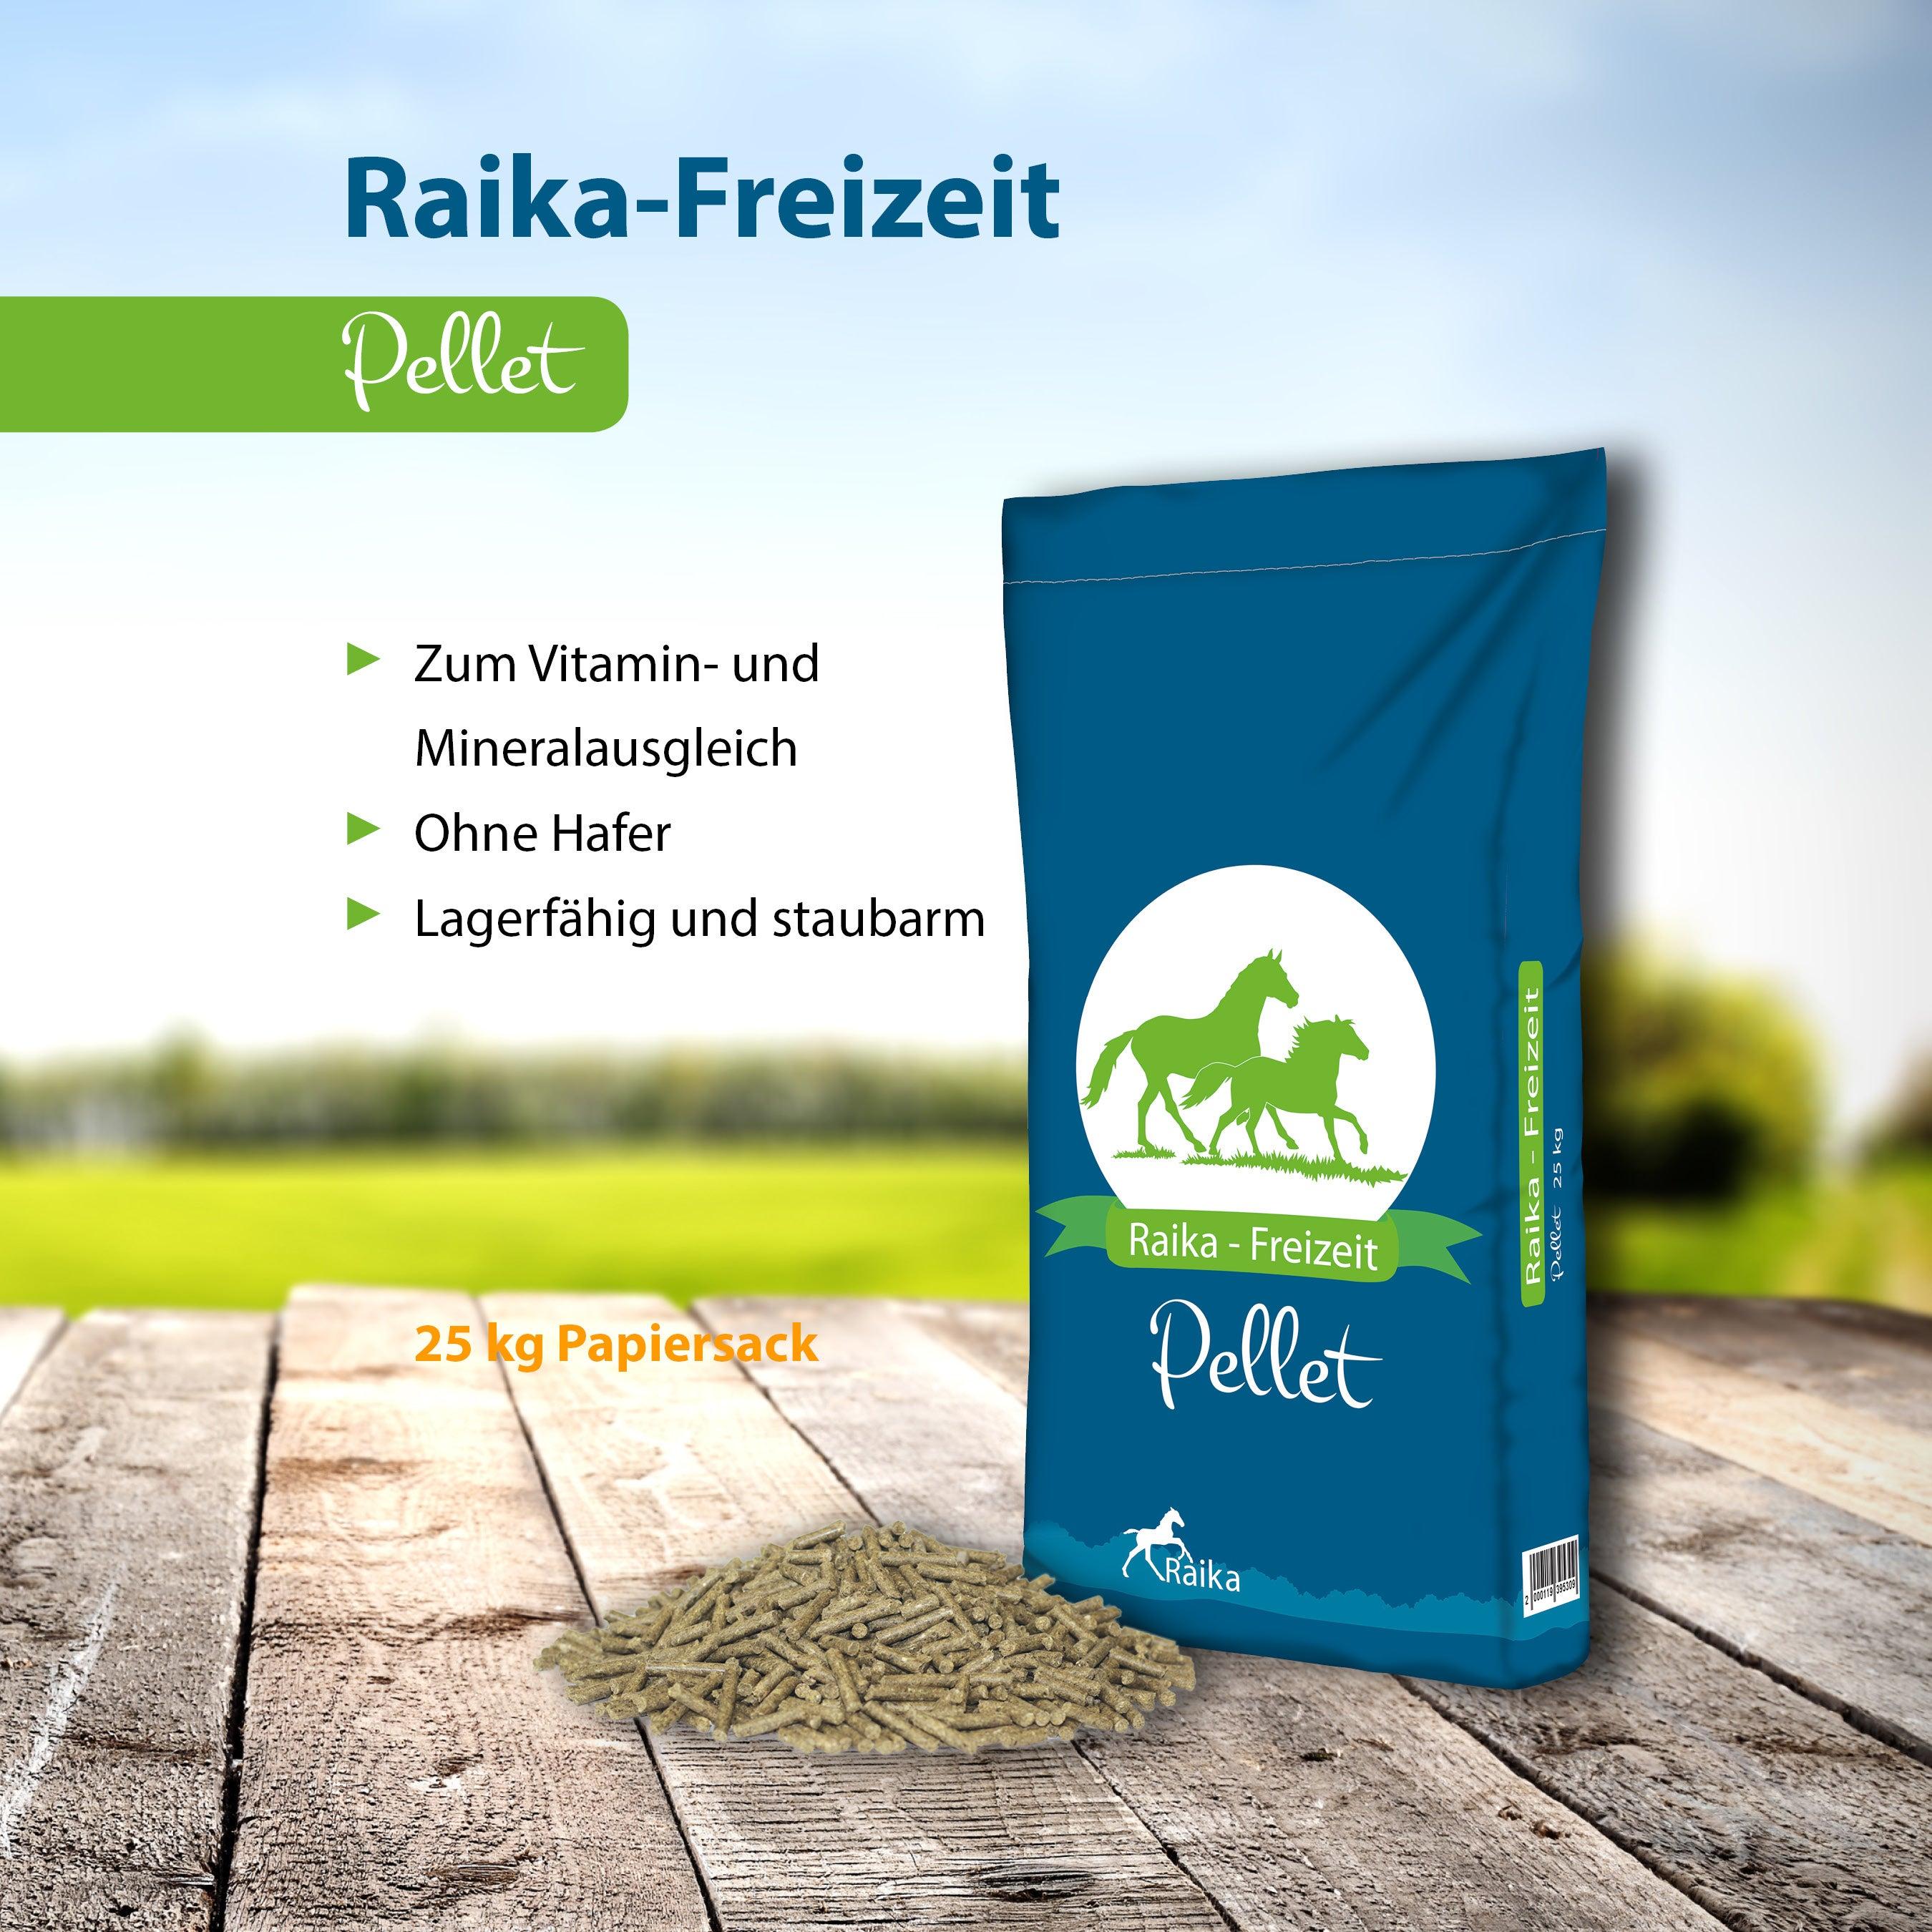 Raika-Freizeit Pellet Pferdefutter